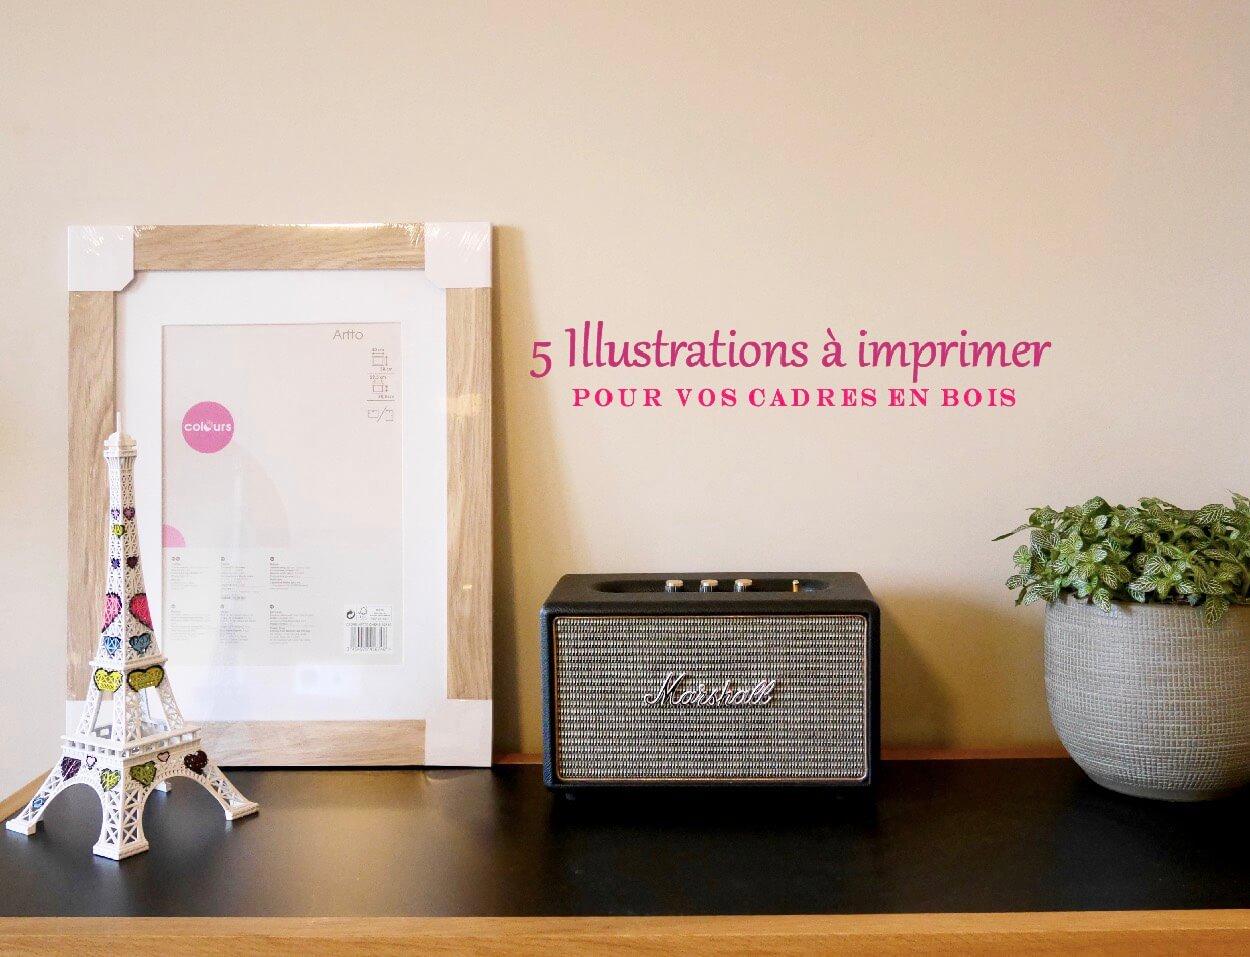 5 illustrations à imprimer pour cadre en bois